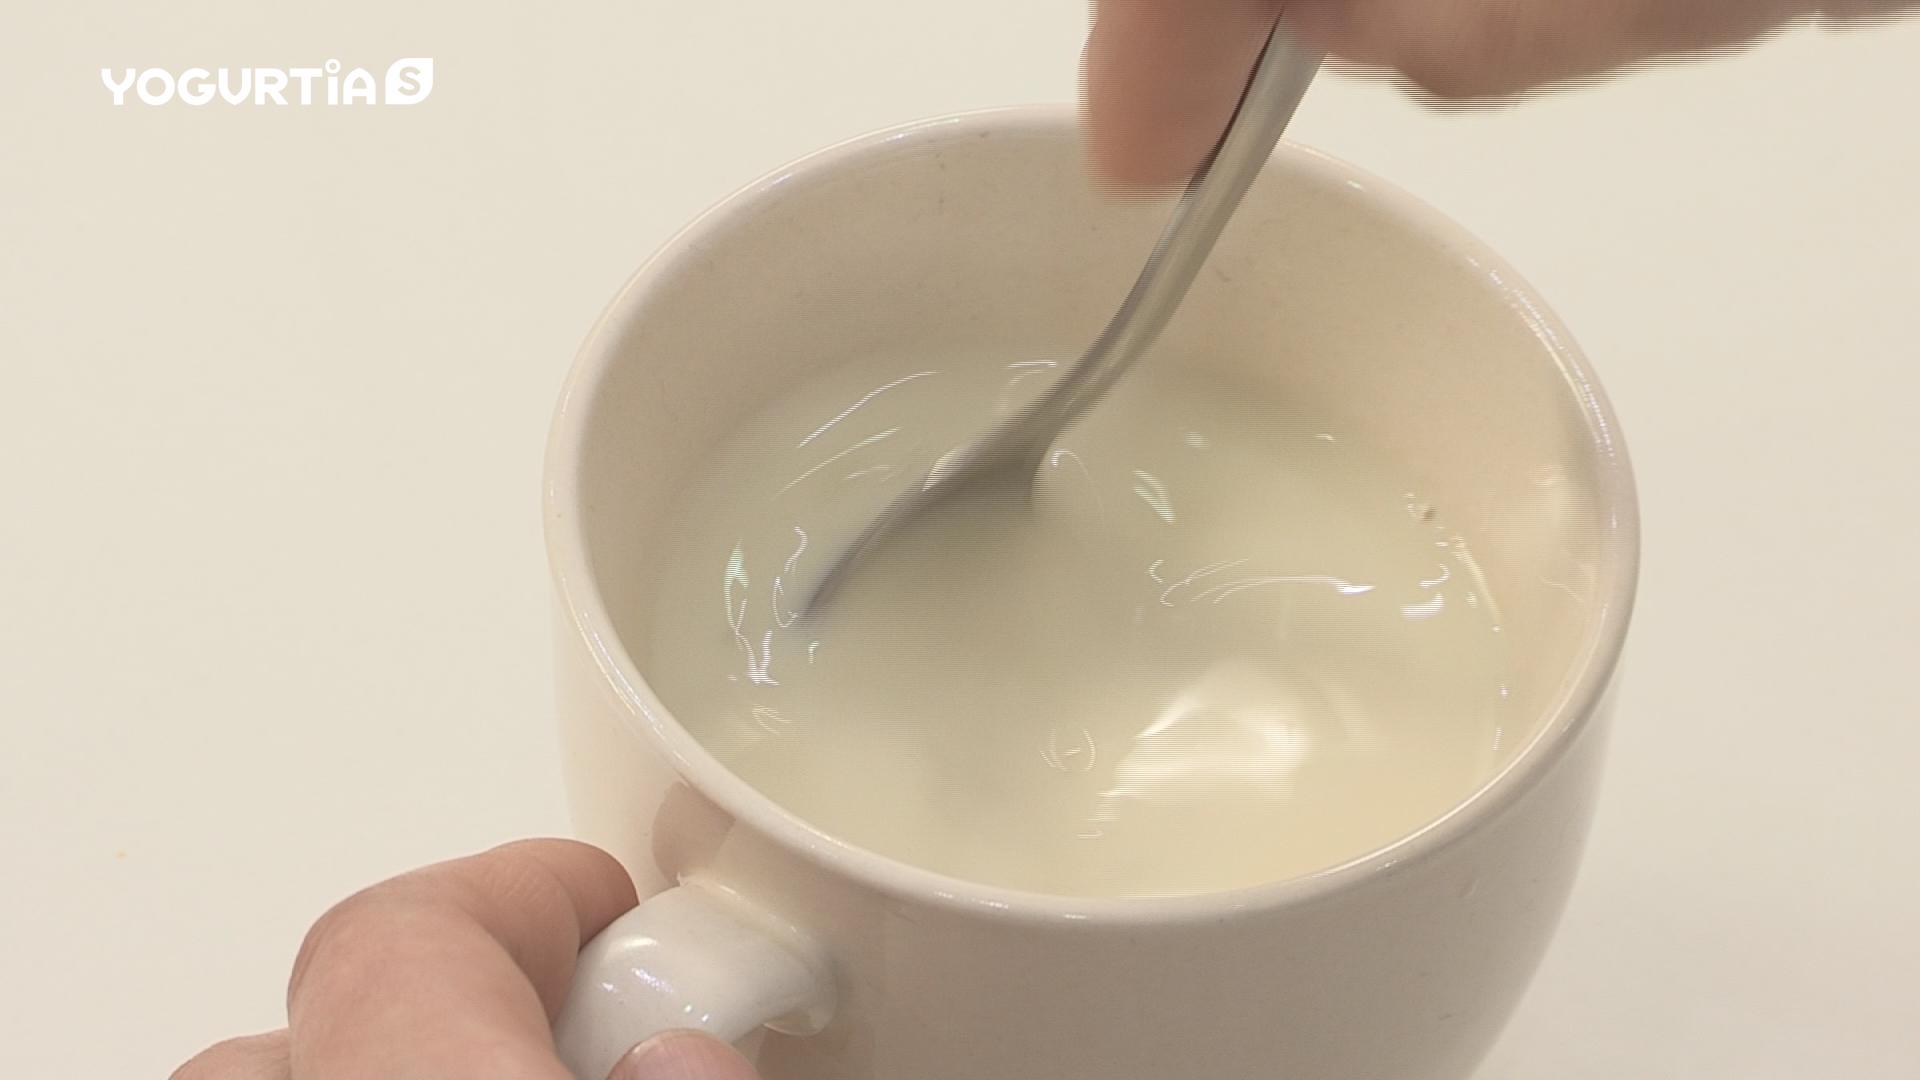 出来た甘酒と無調整豆乳をコップに注いでかき混ぜ、電子レンジで500W/1分30秒ほど温めれば豆乳甘酒の出来上がりです